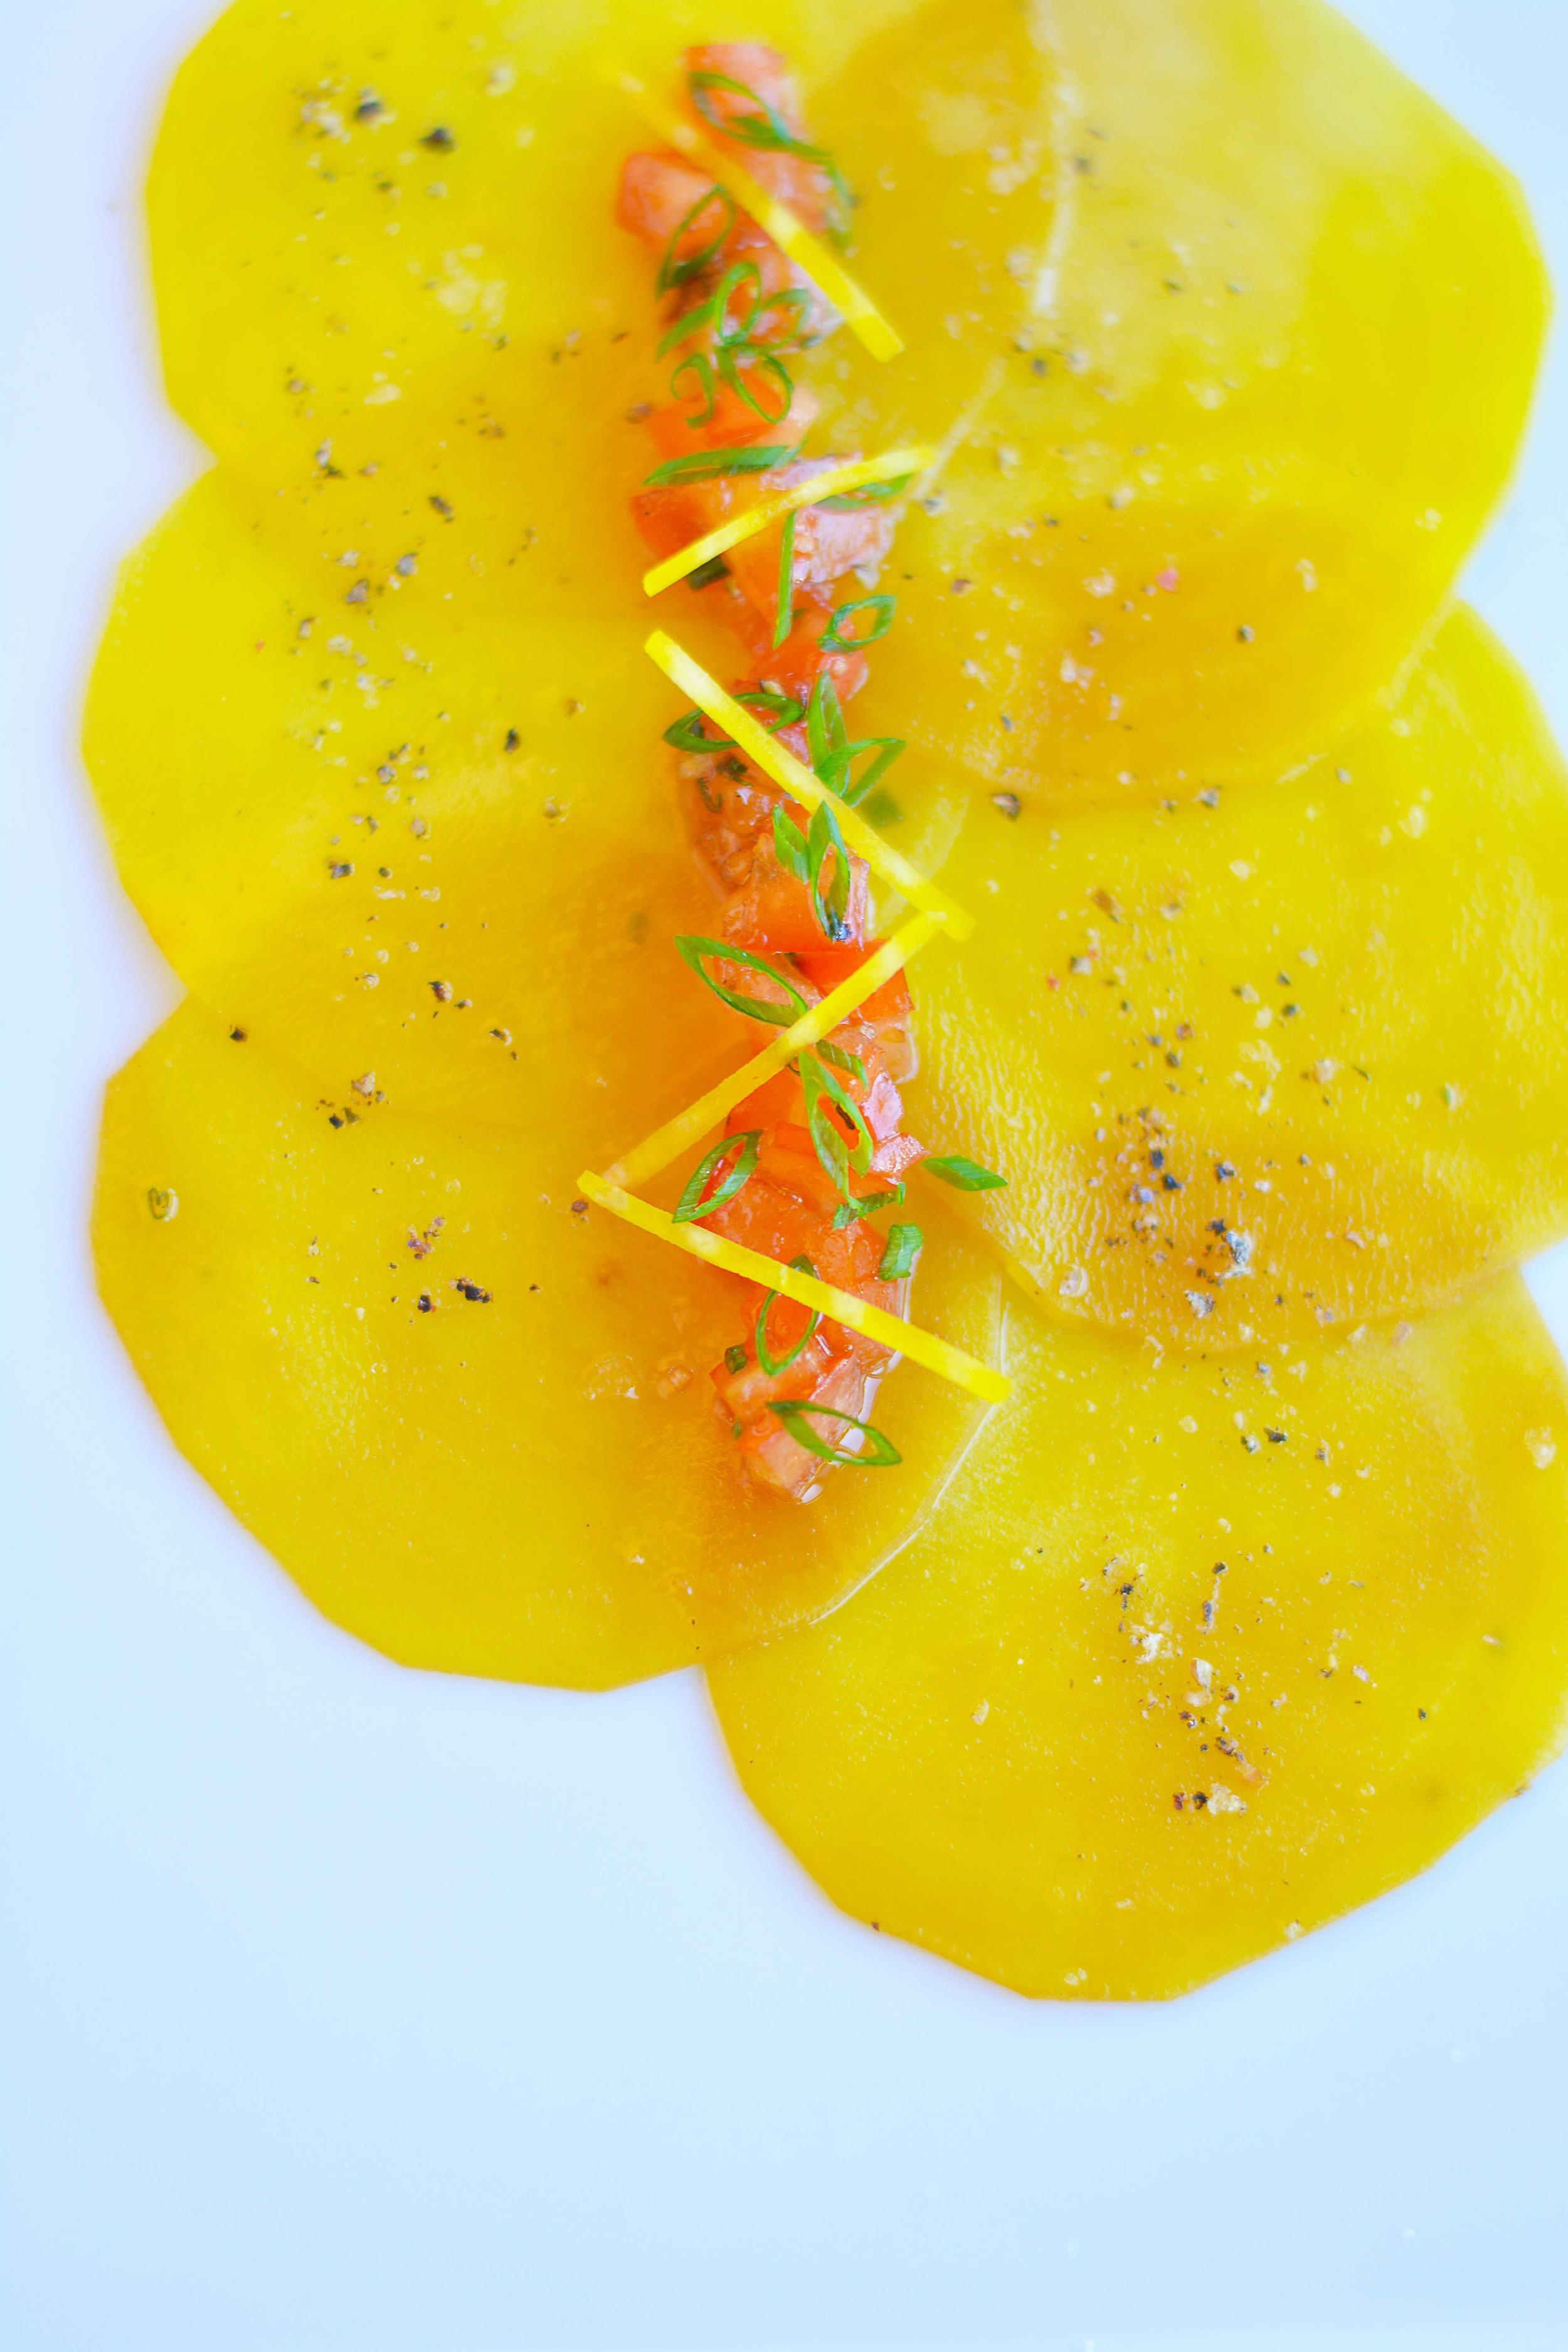 Carpacio betteraves jaunes, Marleau, 61.jpg